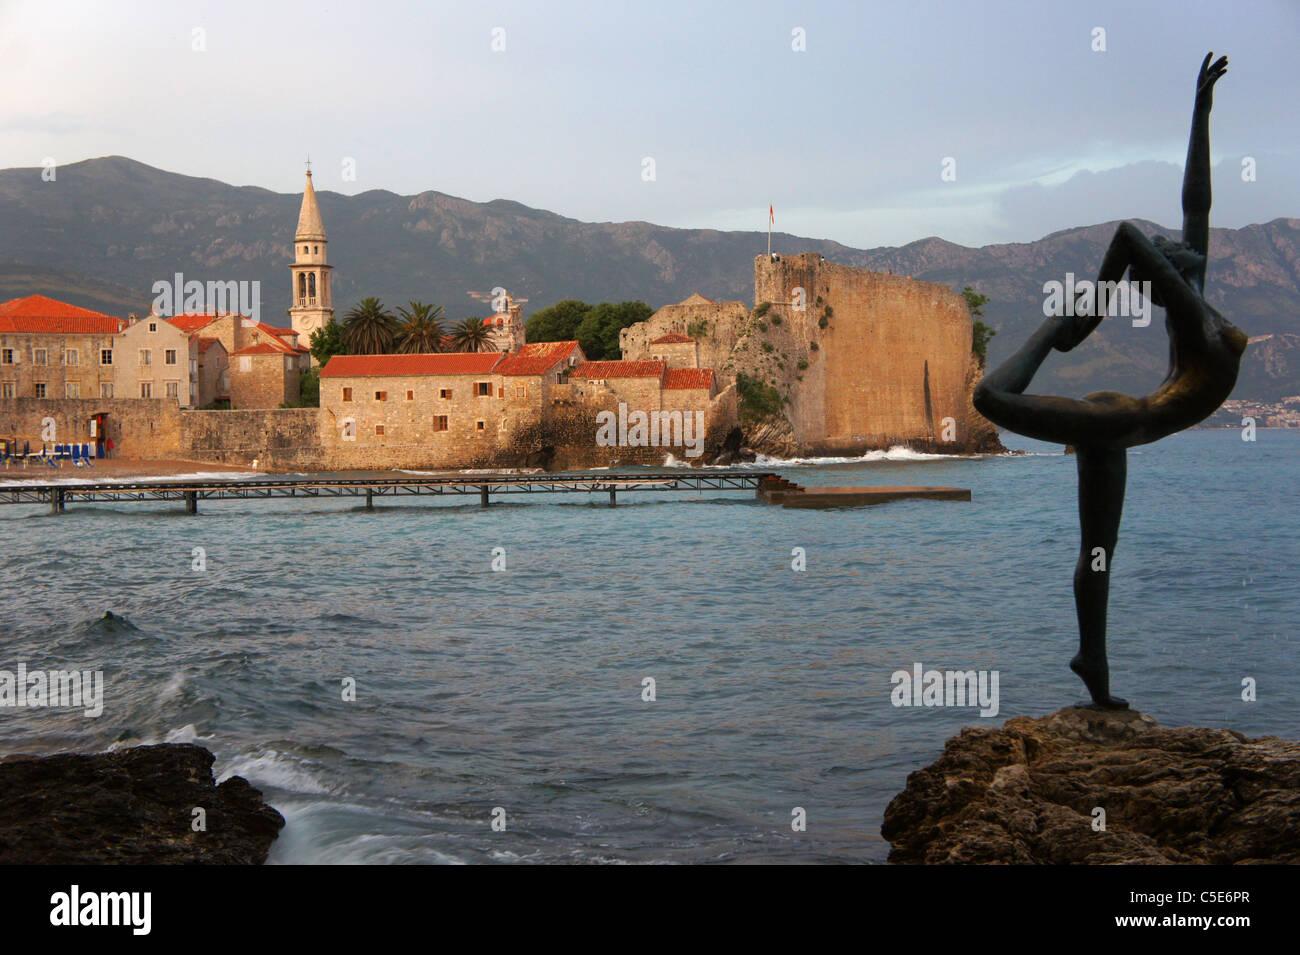 Vieille ville de Budva et la statue fille Danzing, Monténégro, Crna Gora Photo Stock